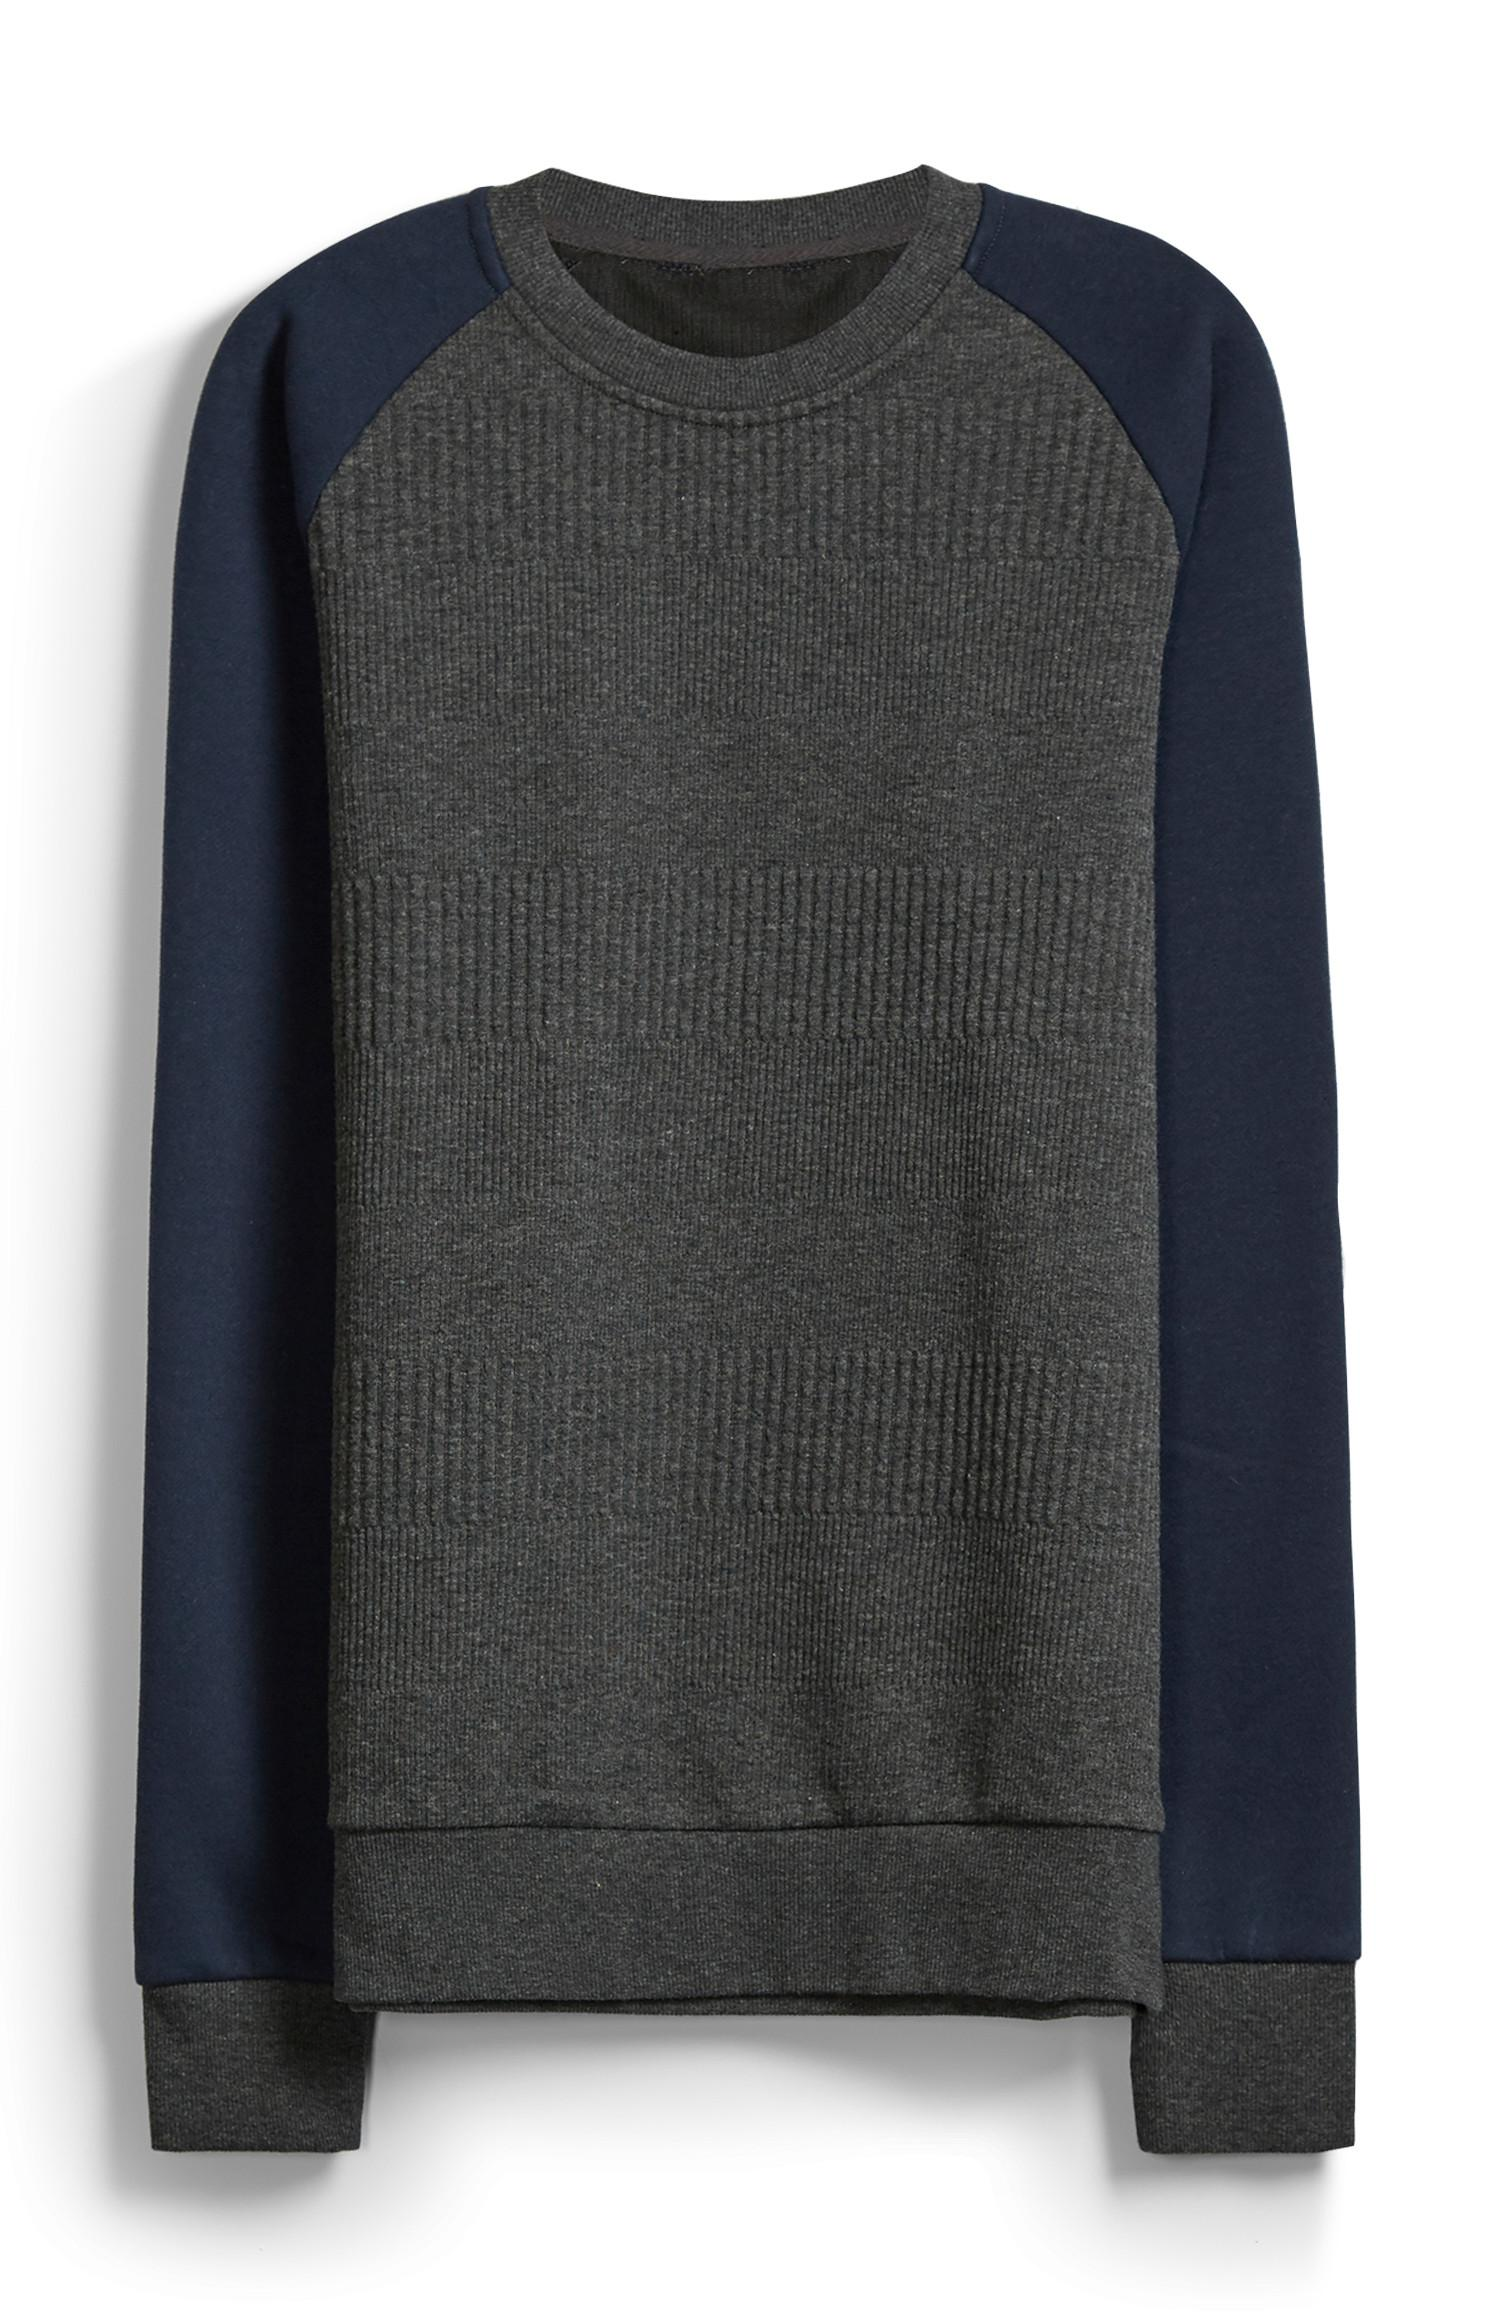 Camiseta de cuello redondo con textura